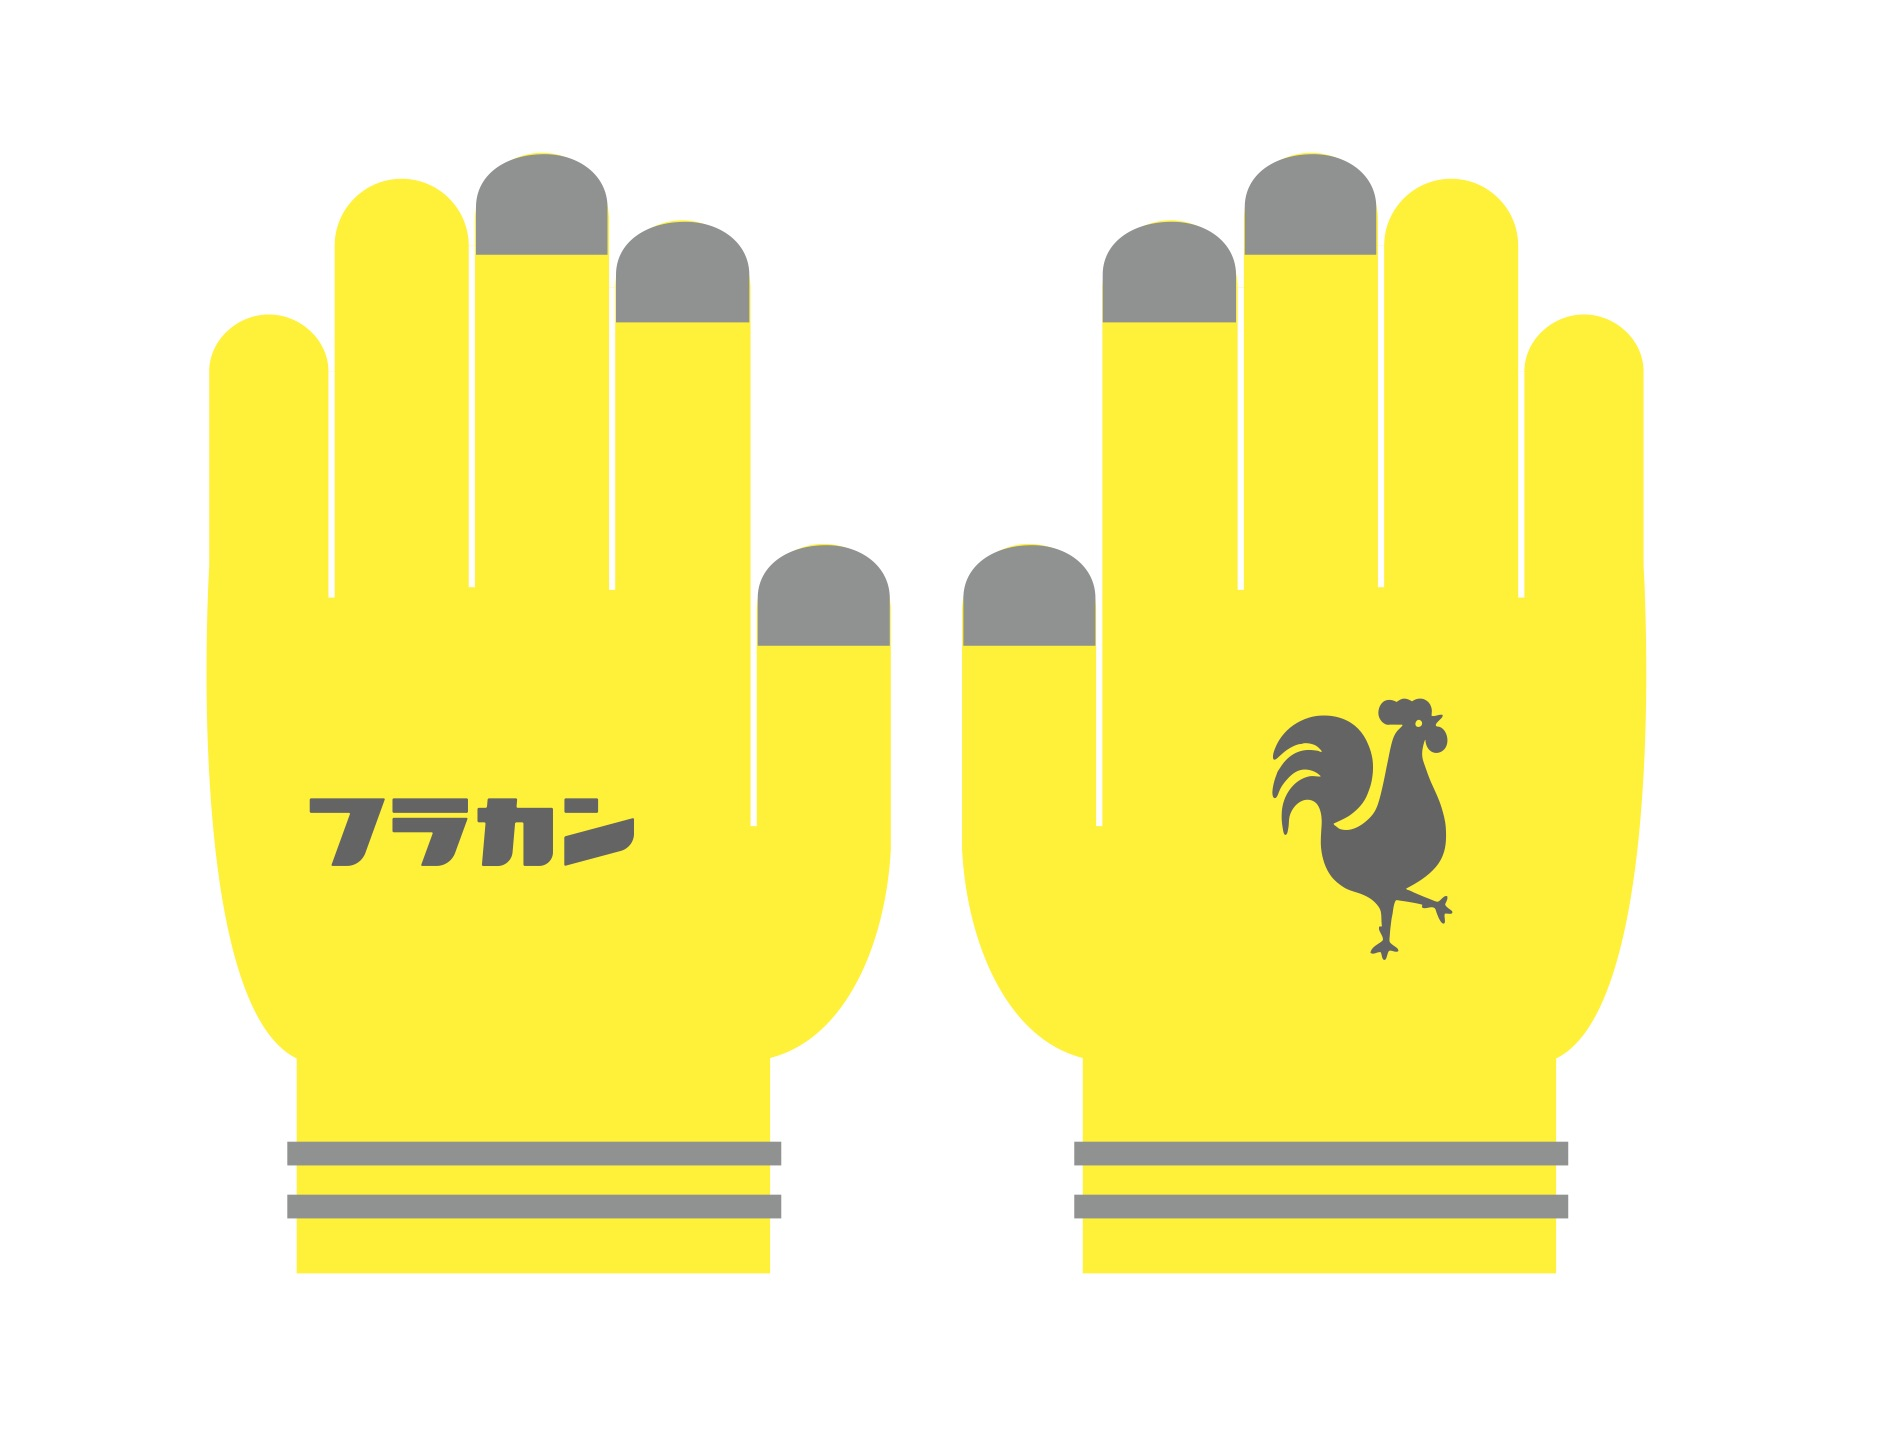 ba01976603d GOODS情報]ニューグッズ発売決定! | フラワーカンパニーズ | OFFICIAL ...